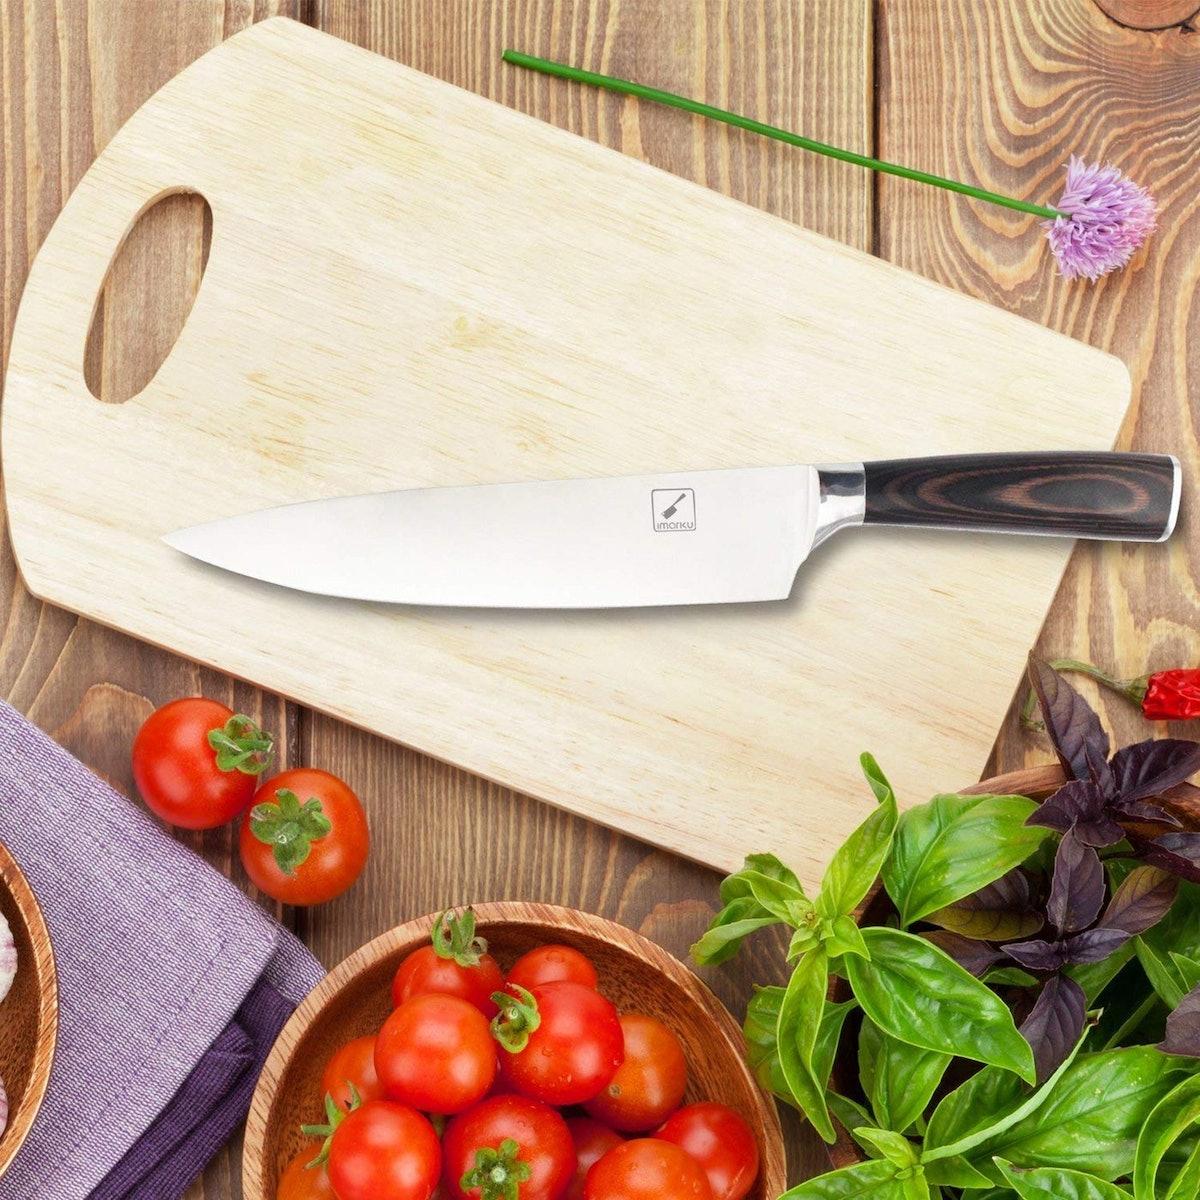 imarku Chef's Knife